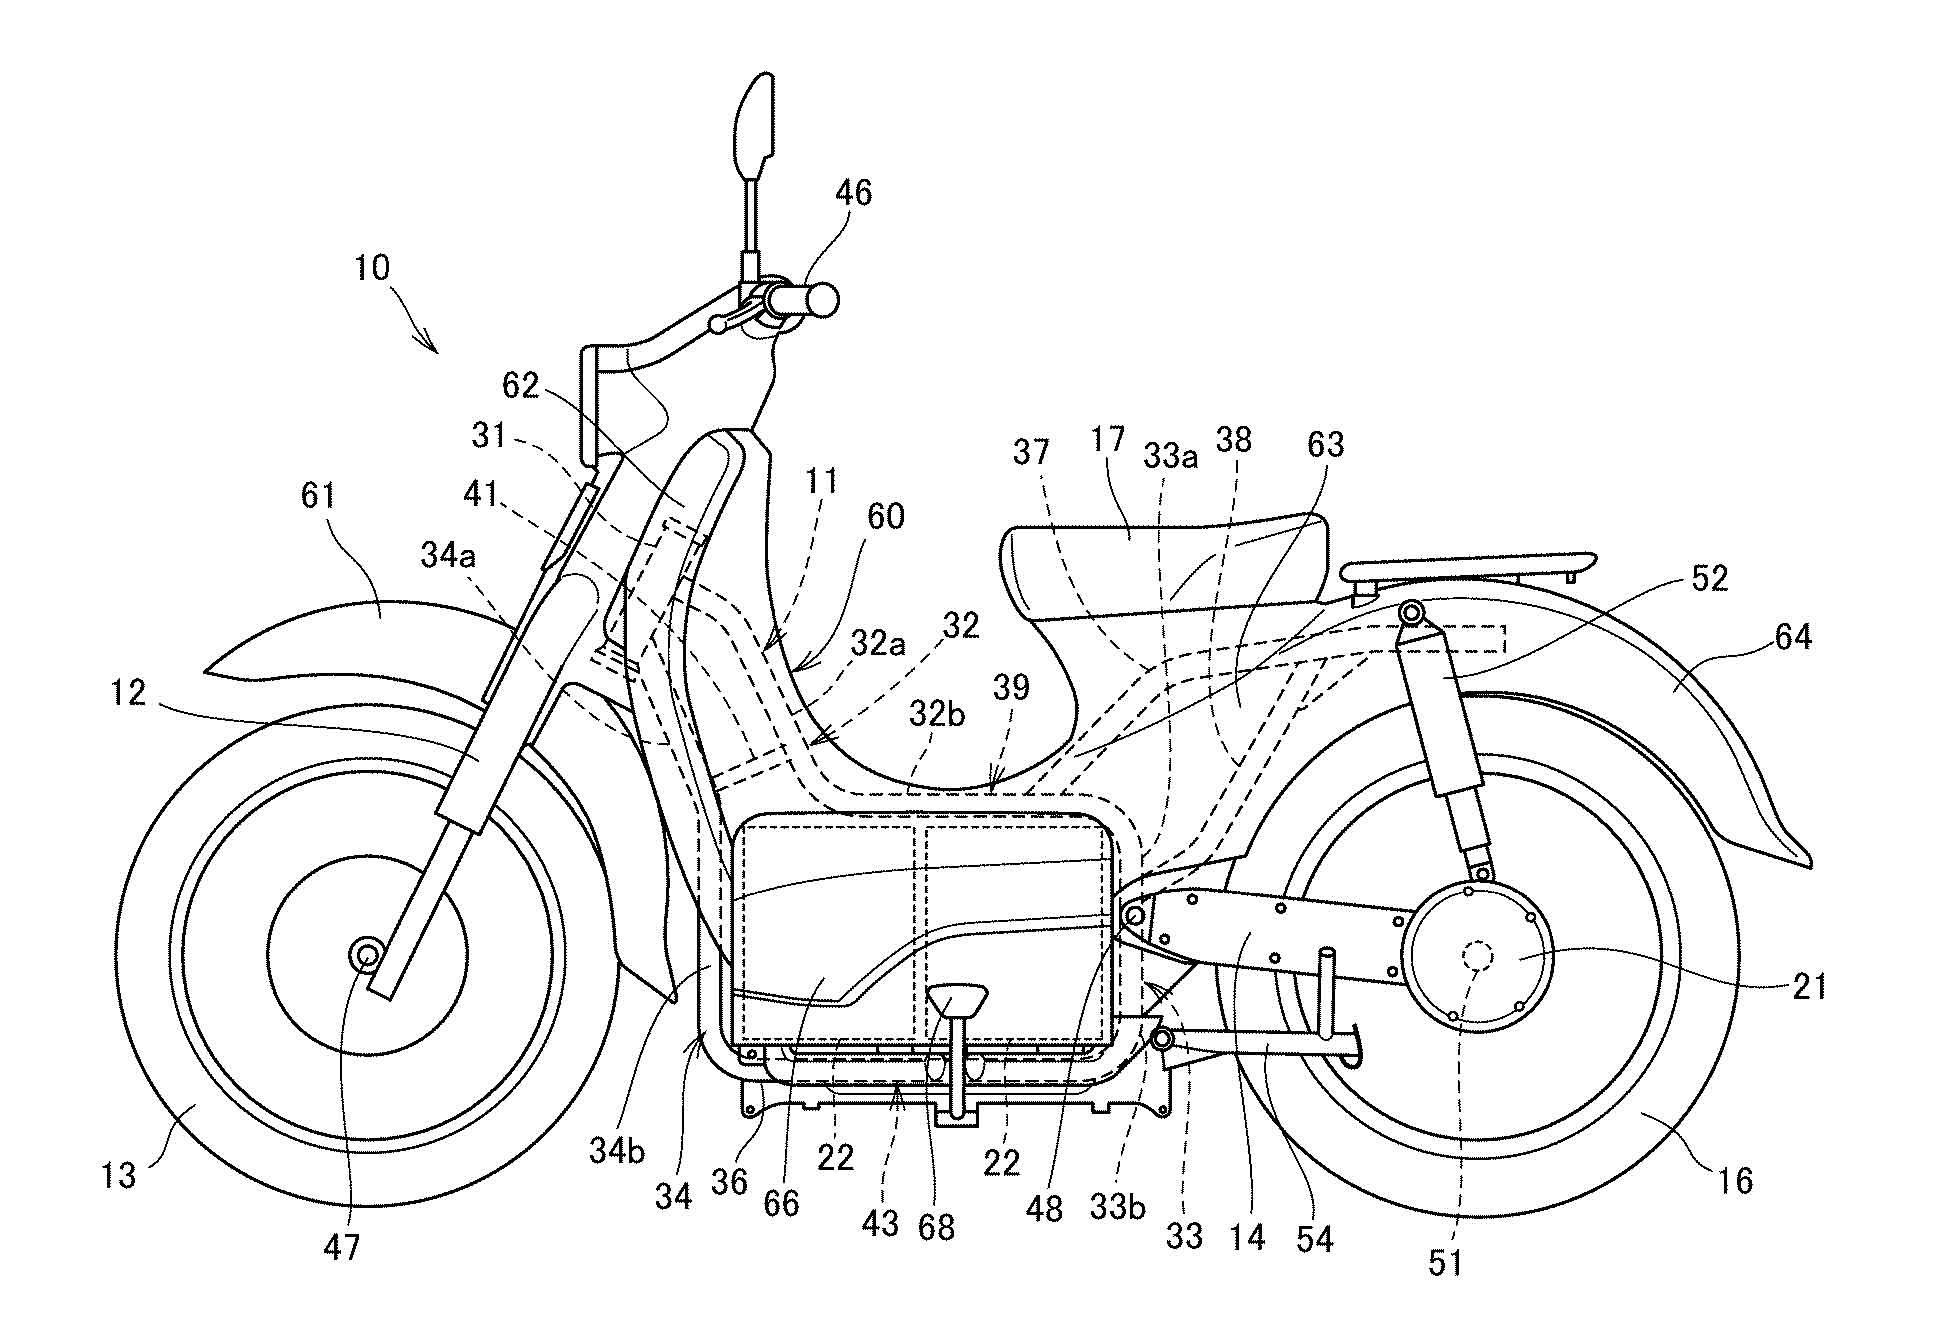 Honda Ev Cub To Adopt Battery Swap Idea